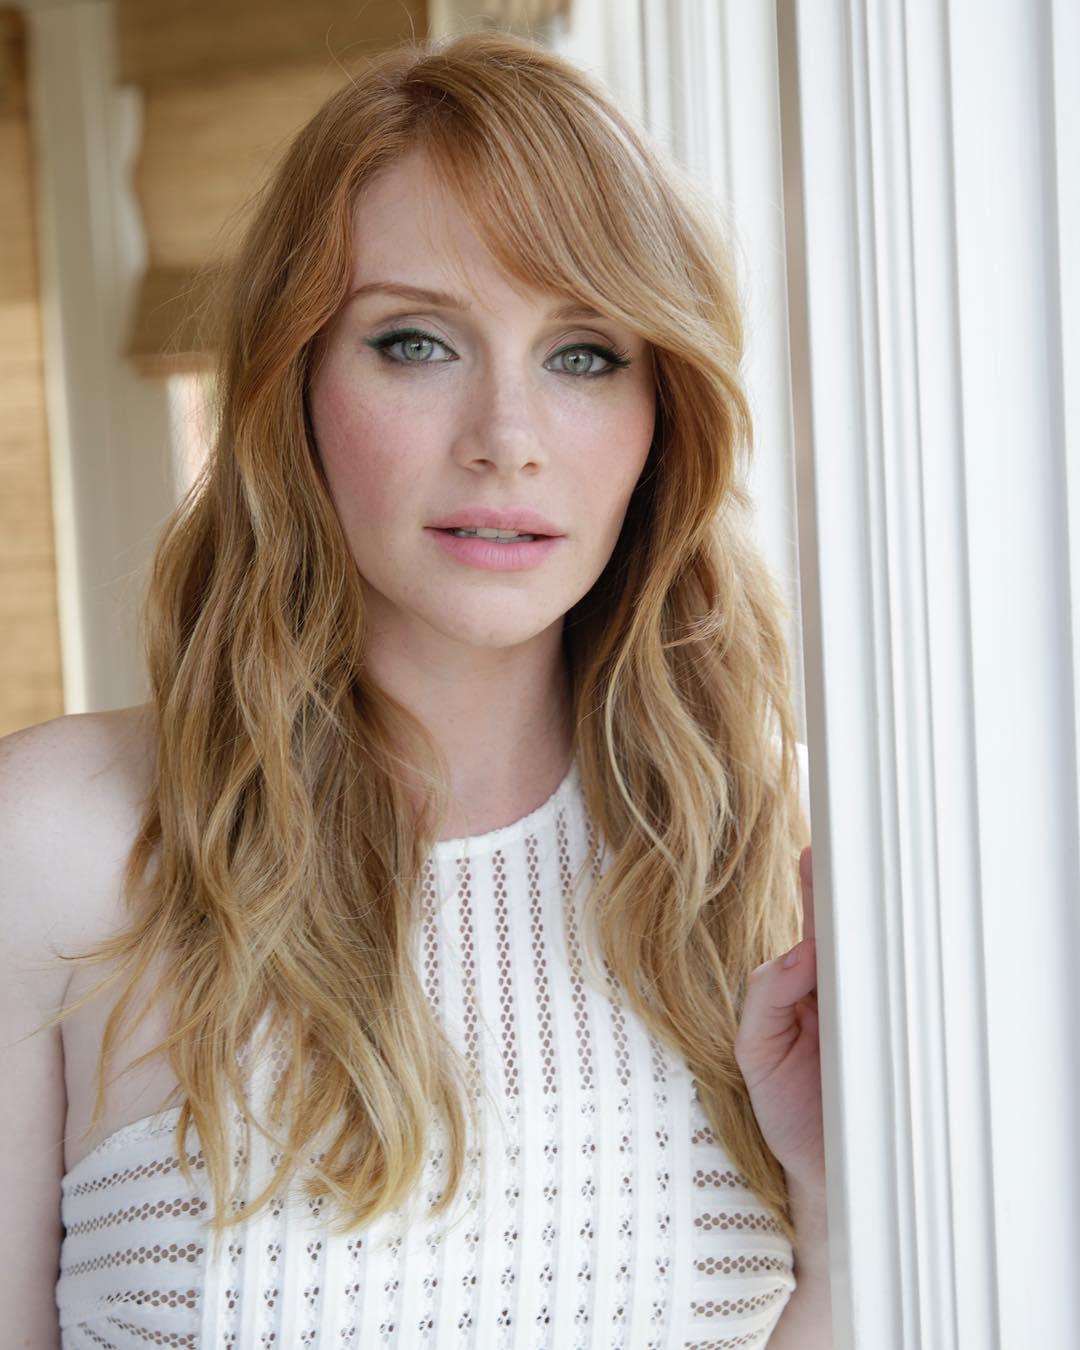 26個比小美人魚「更適合紅髮」的明星 妮可基嫚「天生髮色」比金髮還美!